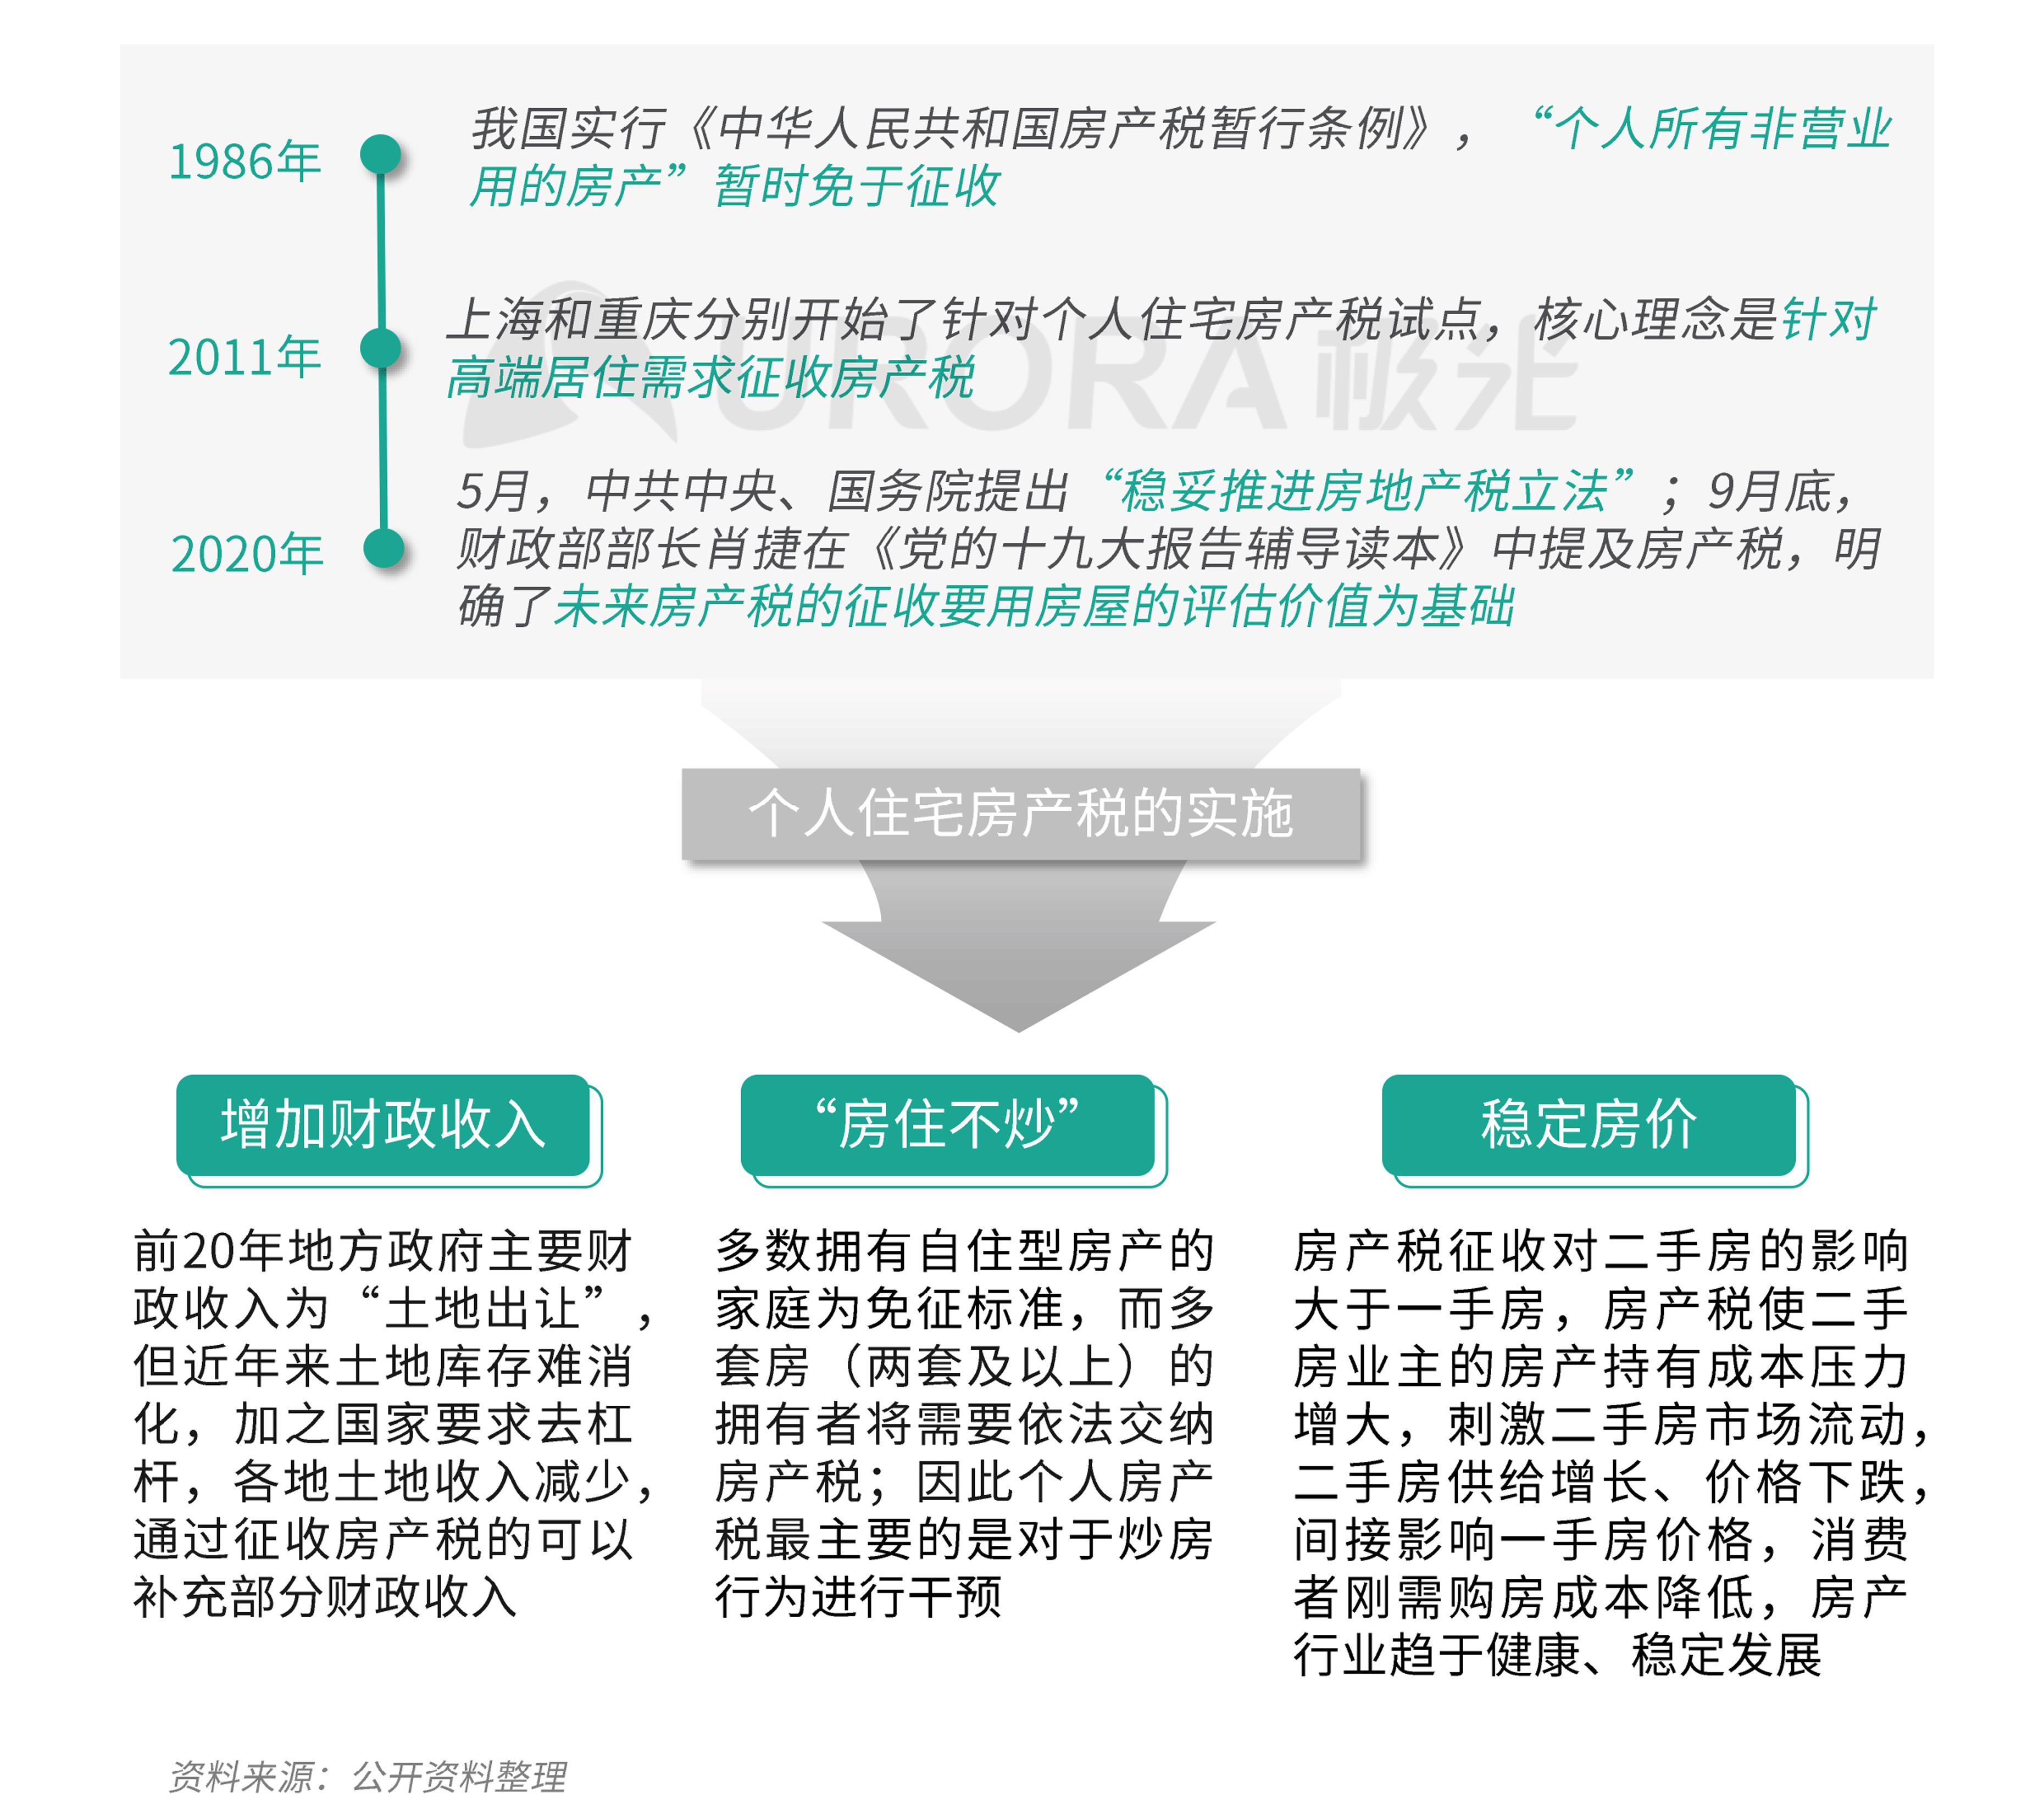 极光:数字经济新时代,房产平台新机遇 (20).png